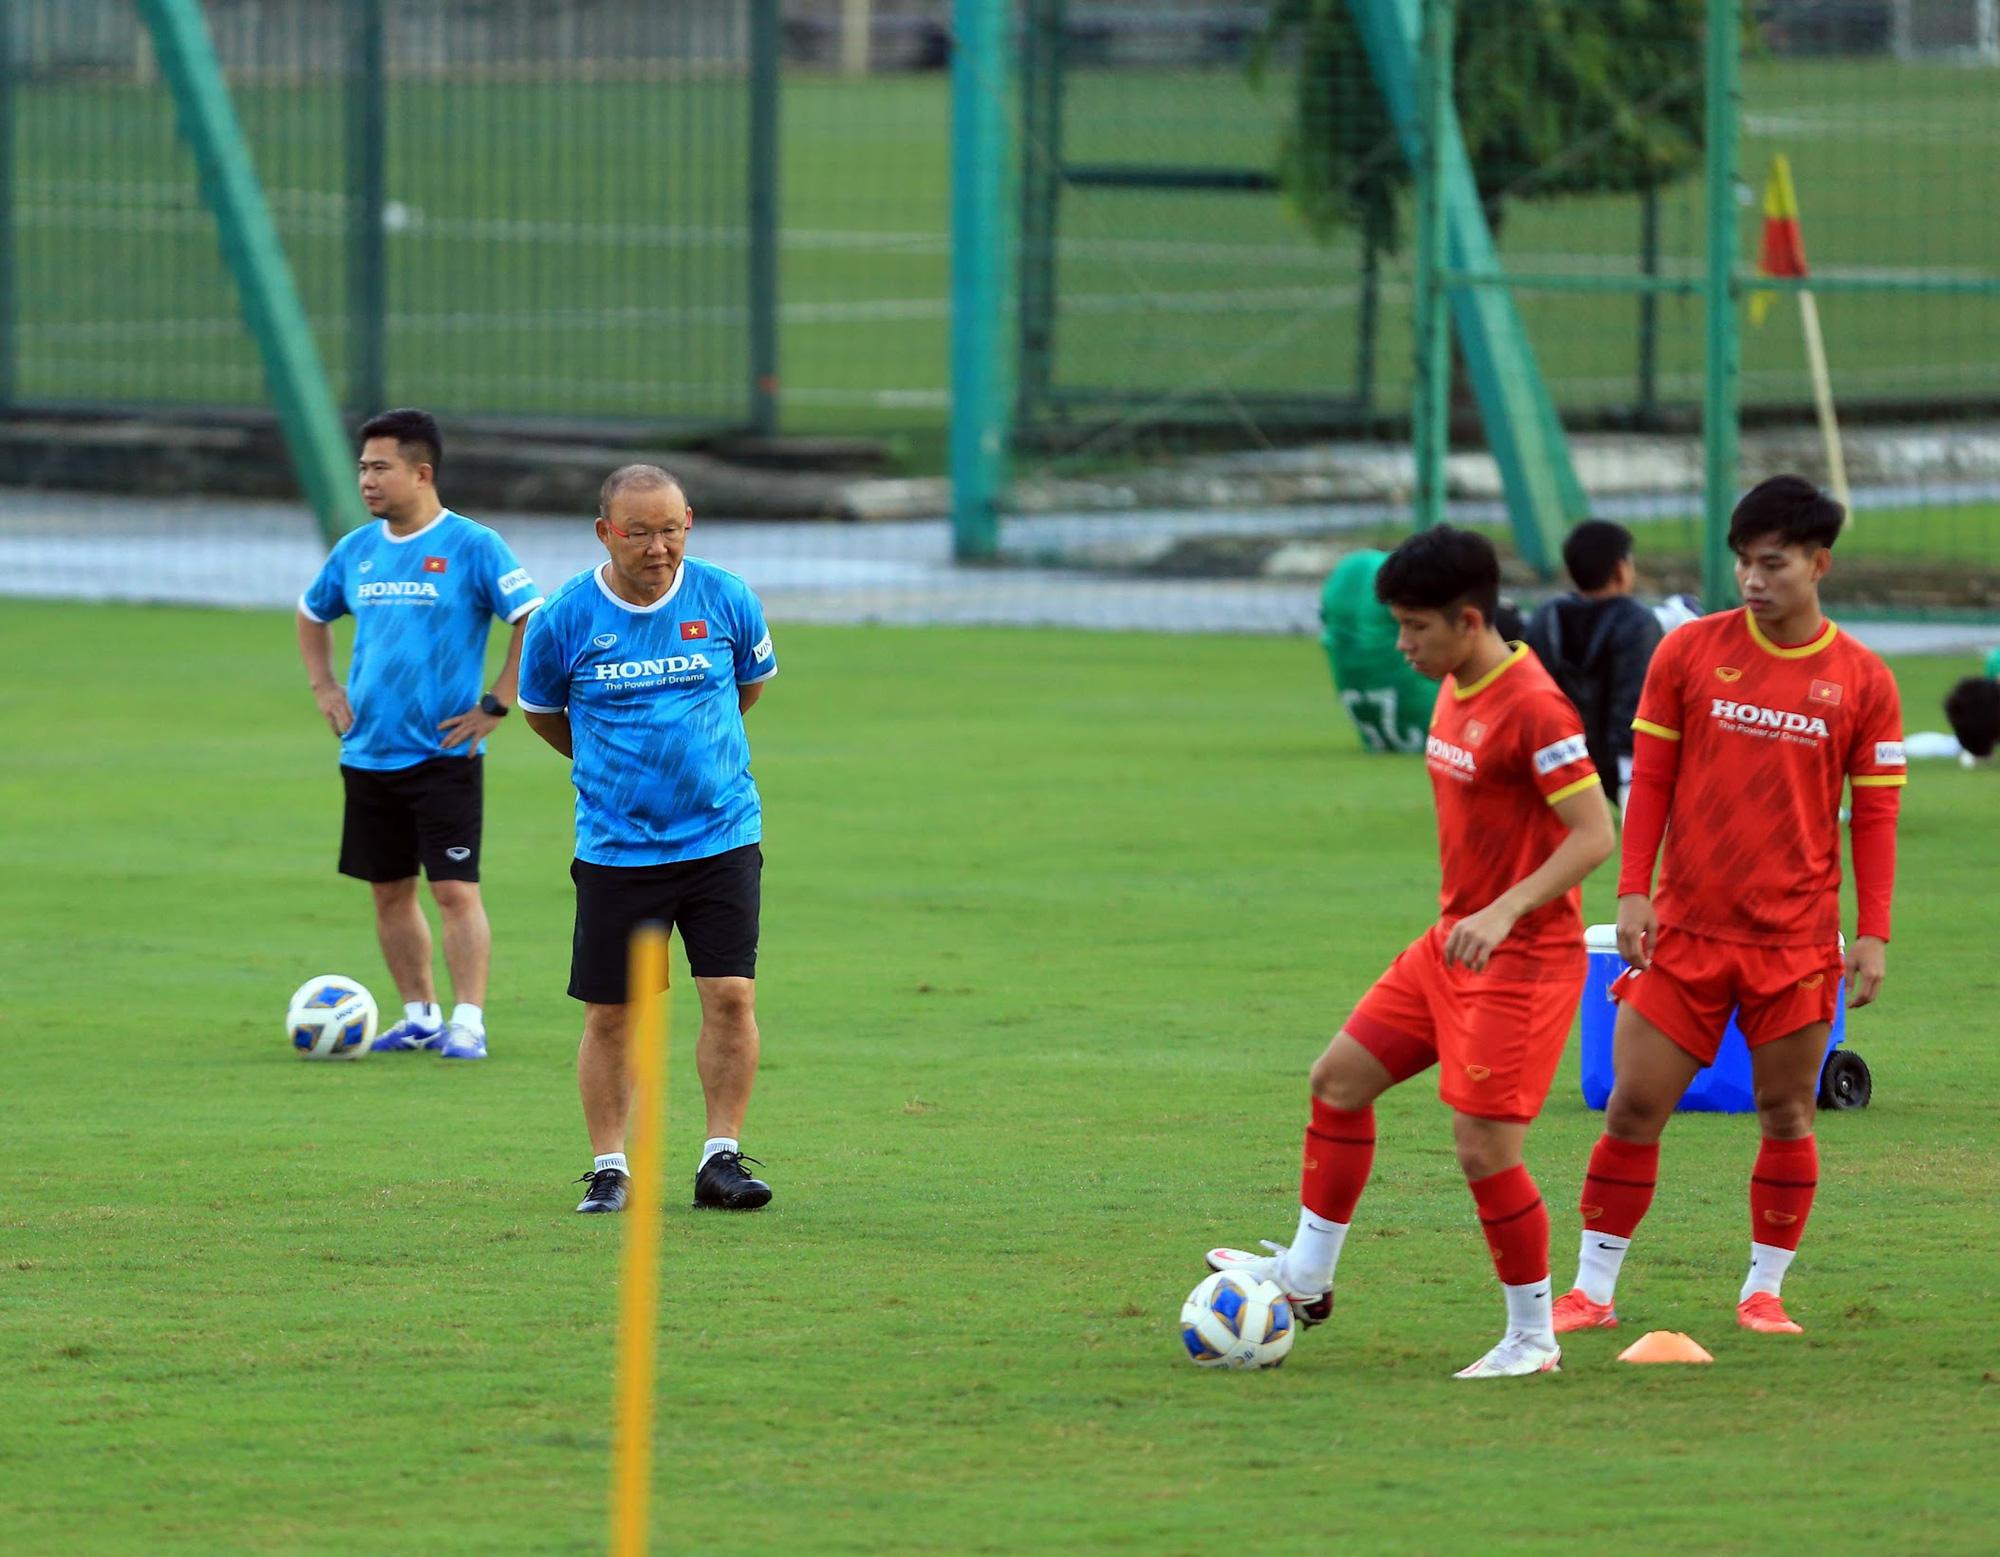 Tuấn Anh và đồng đội hào hứng khi trở thành thủ môn bất đắc dĩ cho tuyển Việt Nam - ảnh 20